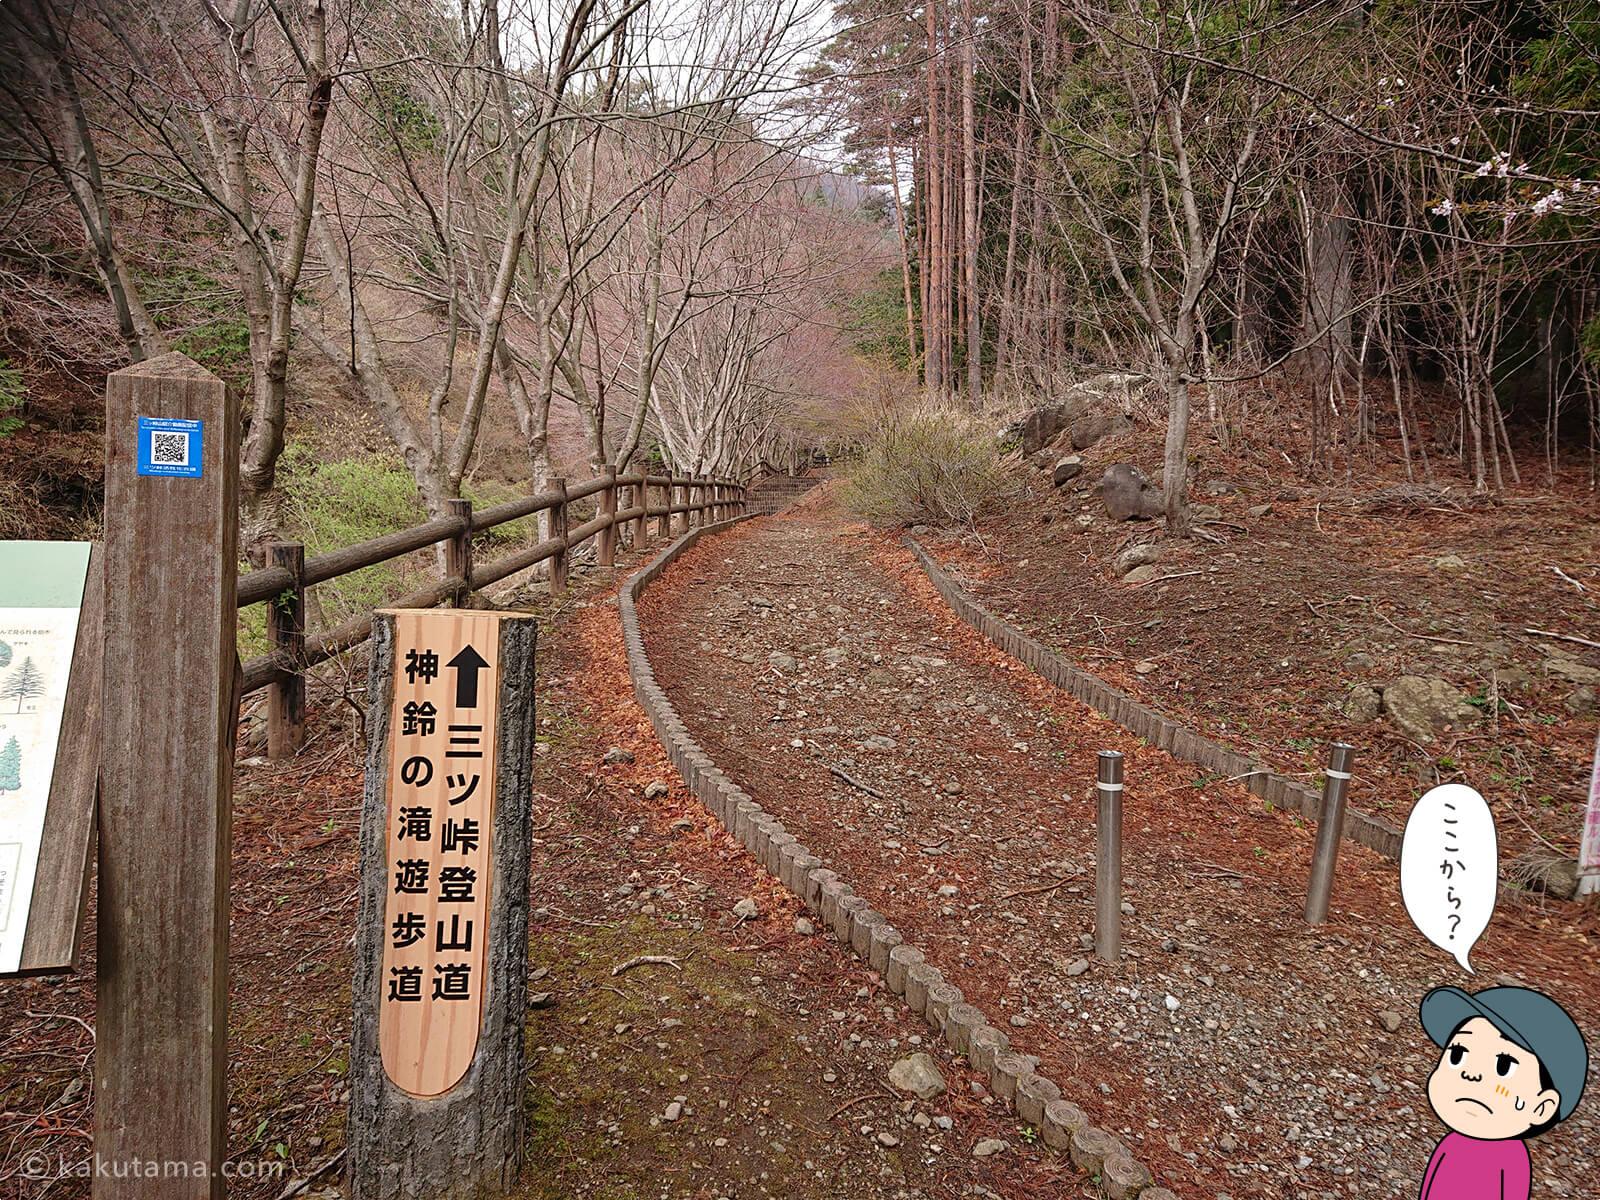 三ツ峠さくら公園からの登山口は?